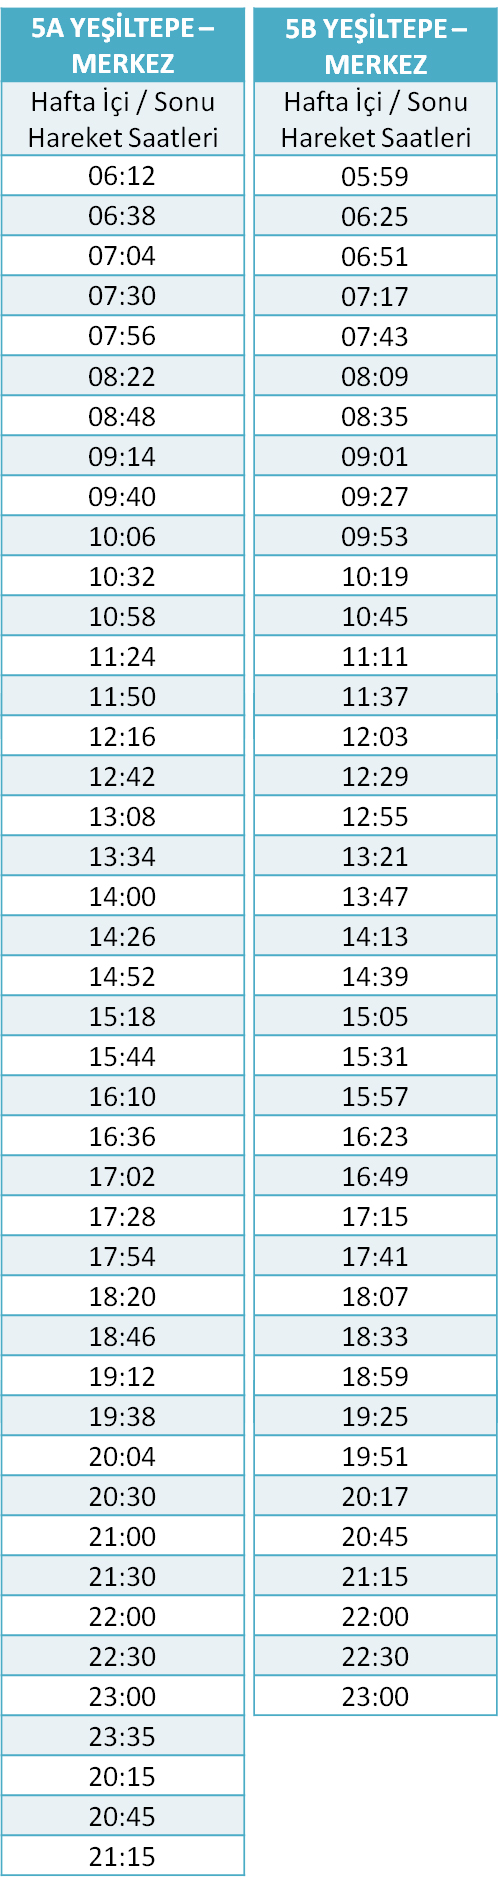 5 - YEŞİLTEPE HATLARI Otobüsü Saatleri